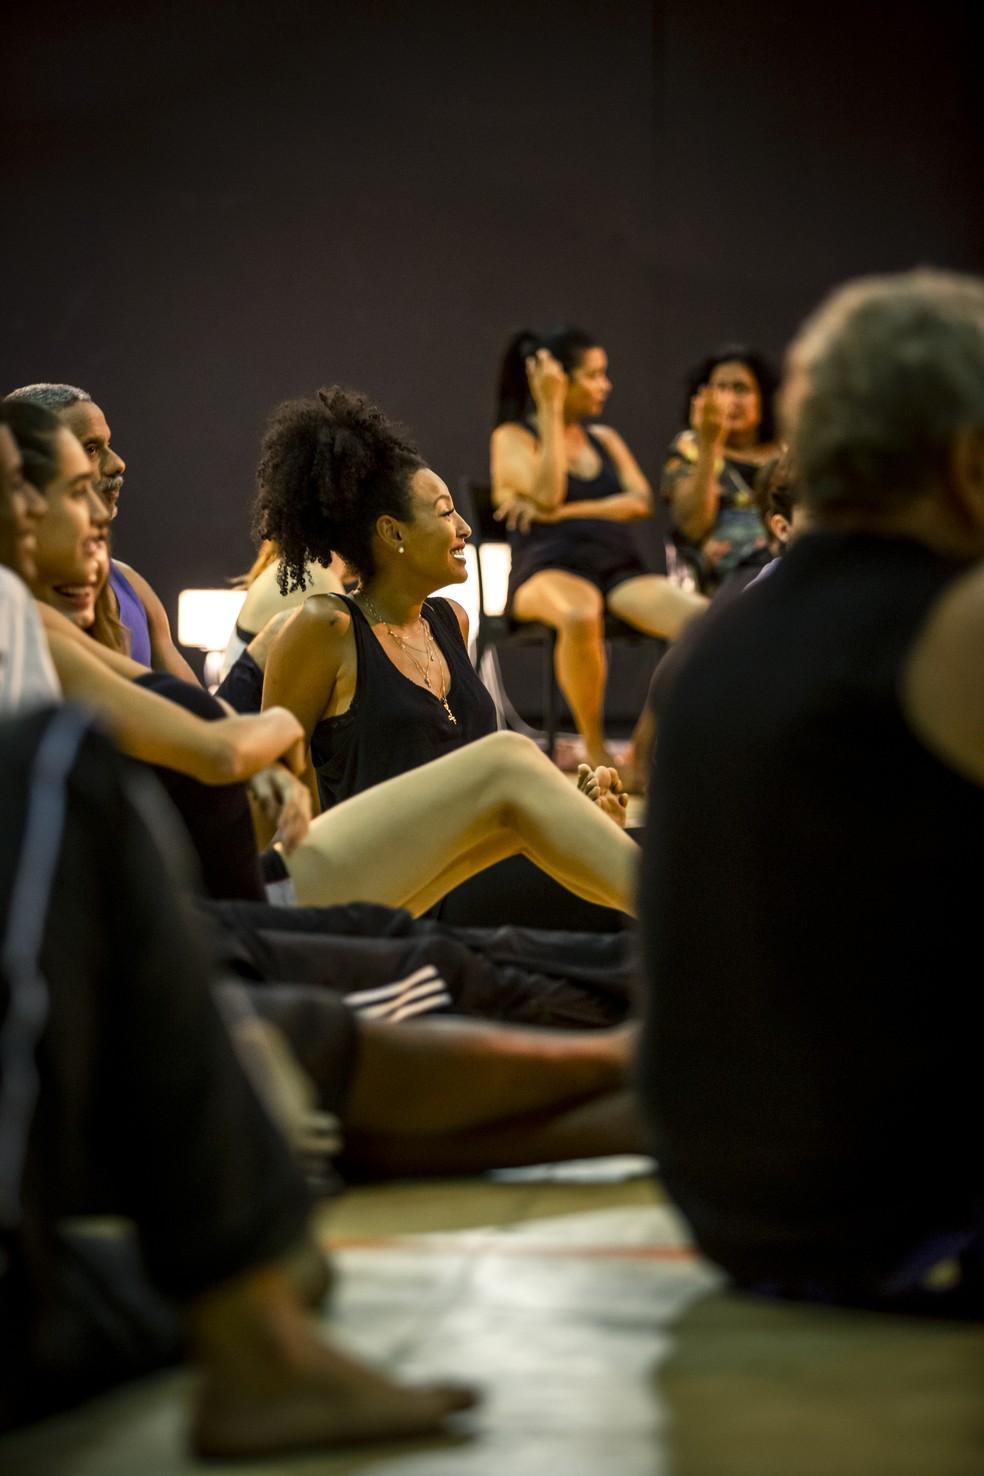 Leituras, workshops e dinâmicas marcaram a preparação de elenco de 'Bom Sucesso' — Foto: Fabiano Battaglin/Gshow